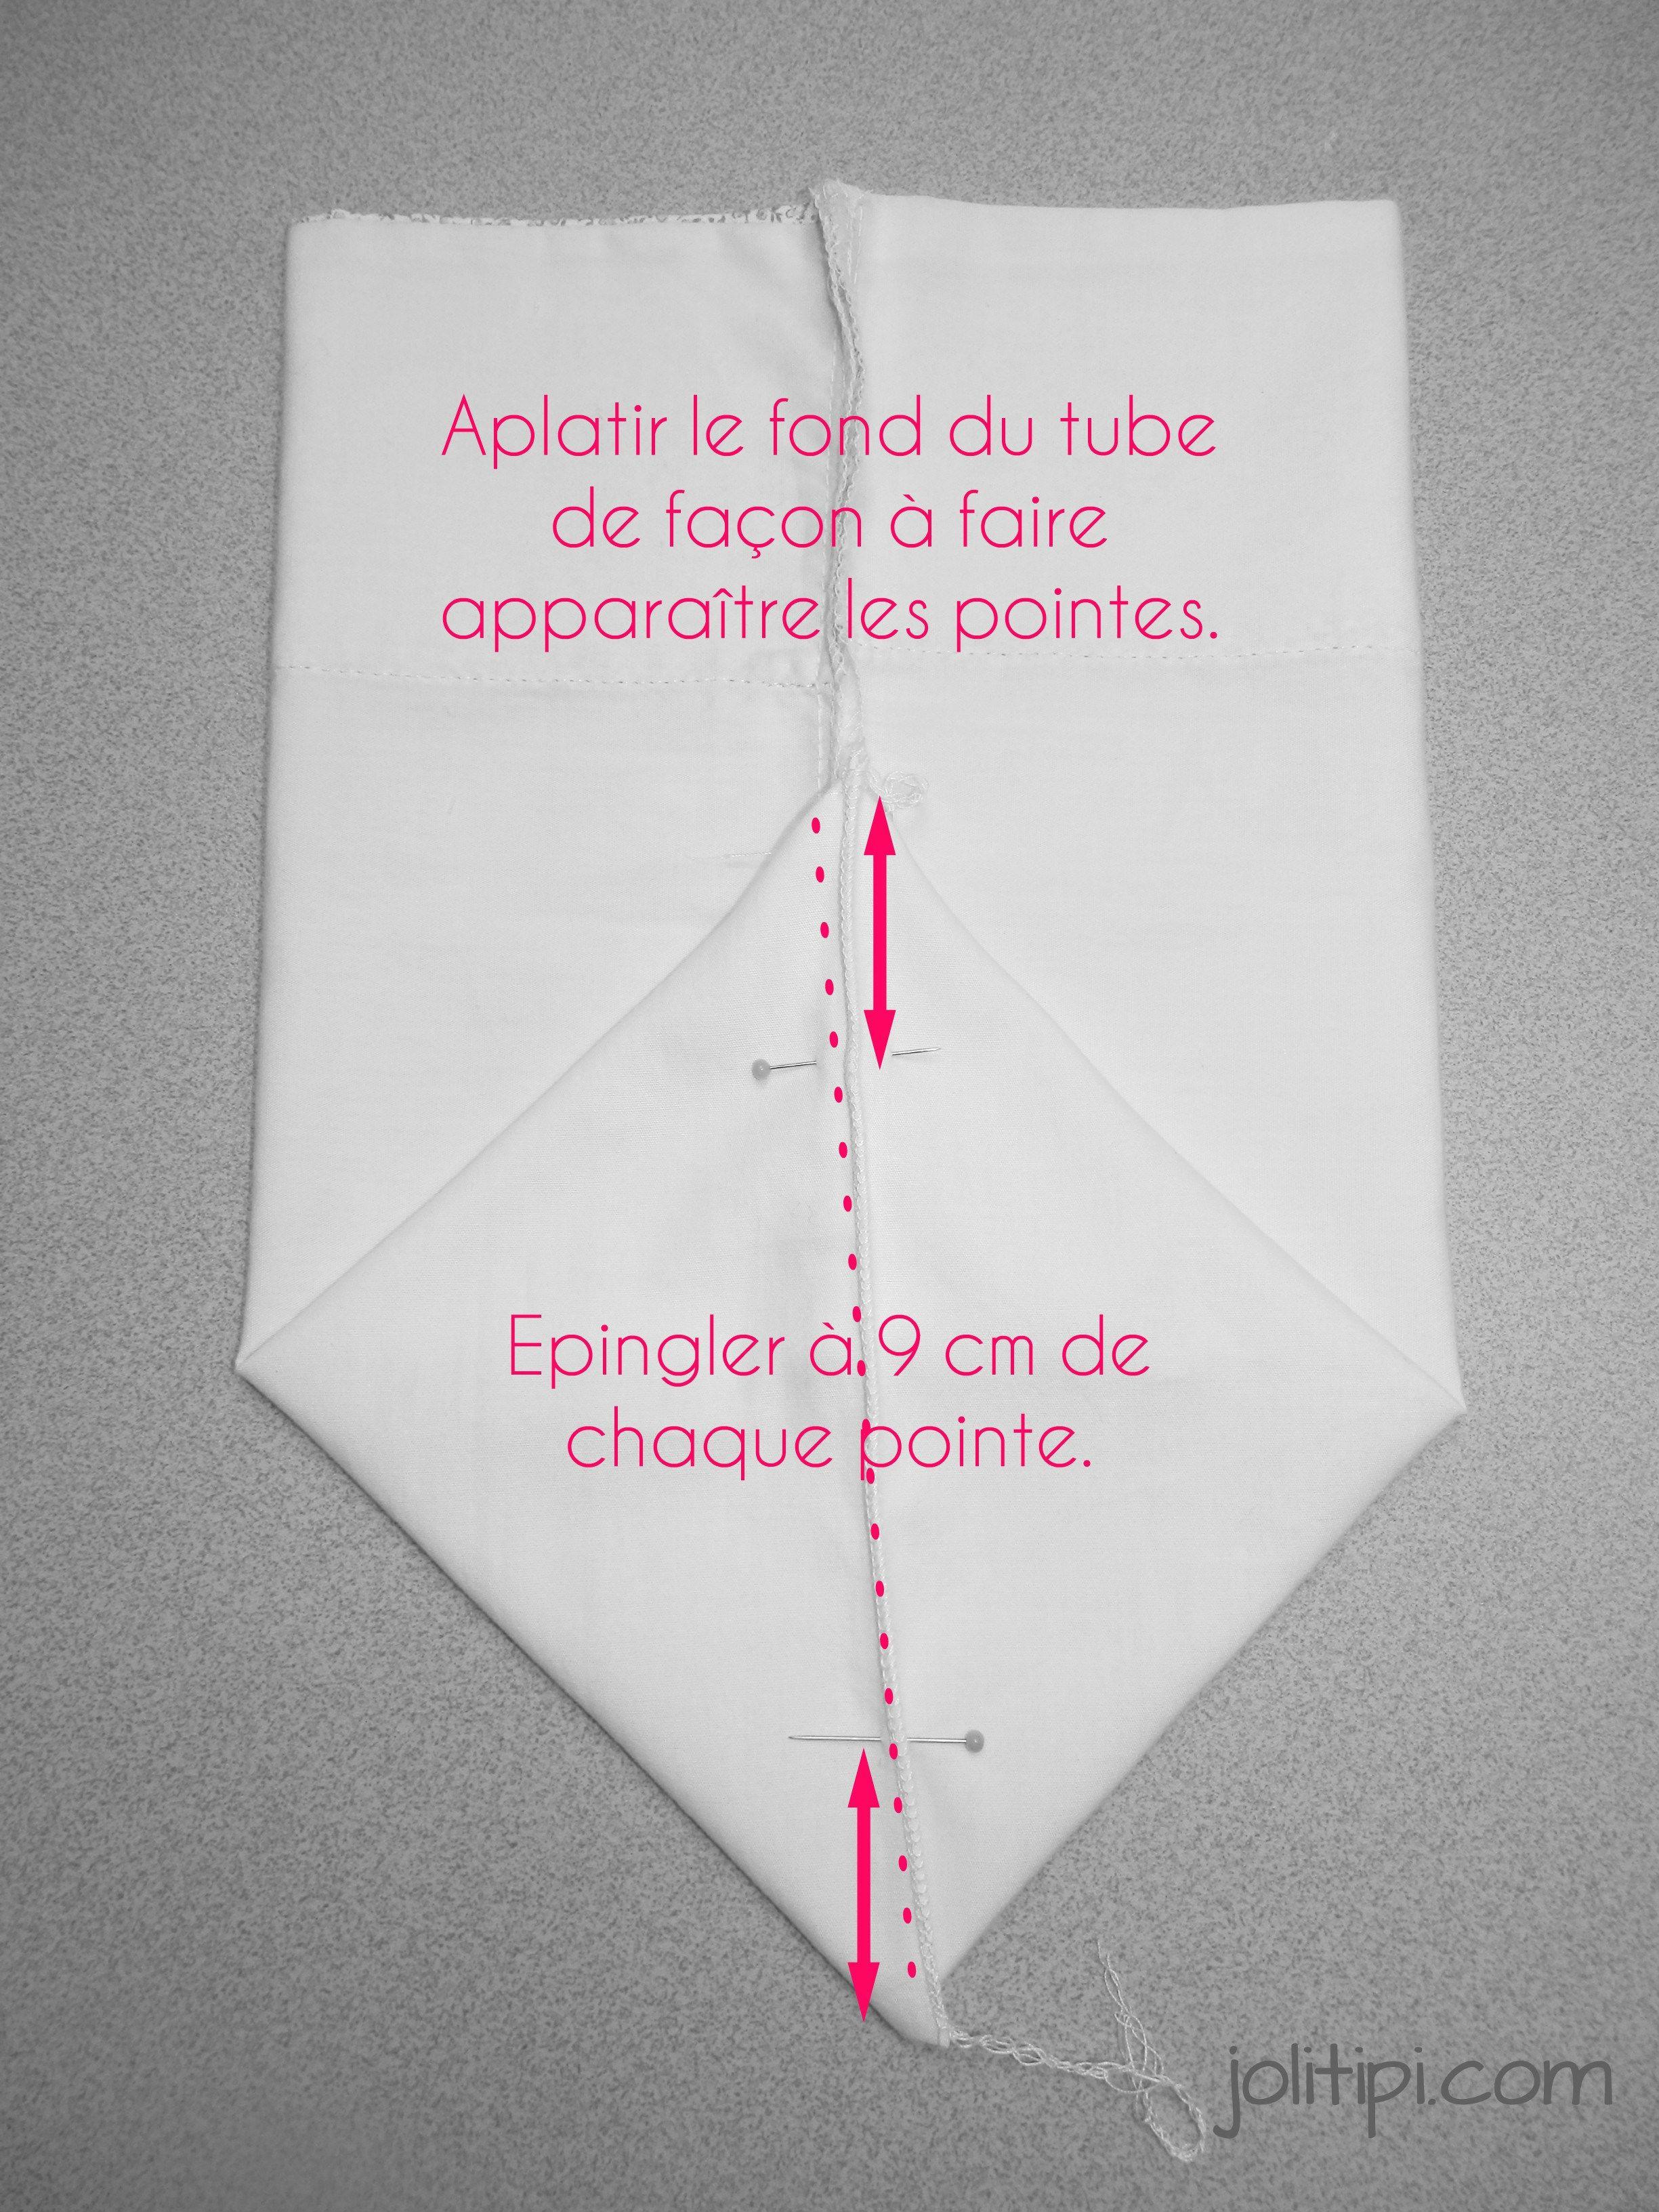 tuto facile comment fabriquer un panier de rangement fourret tout en tissu diy tape par tape. Black Bedroom Furniture Sets. Home Design Ideas